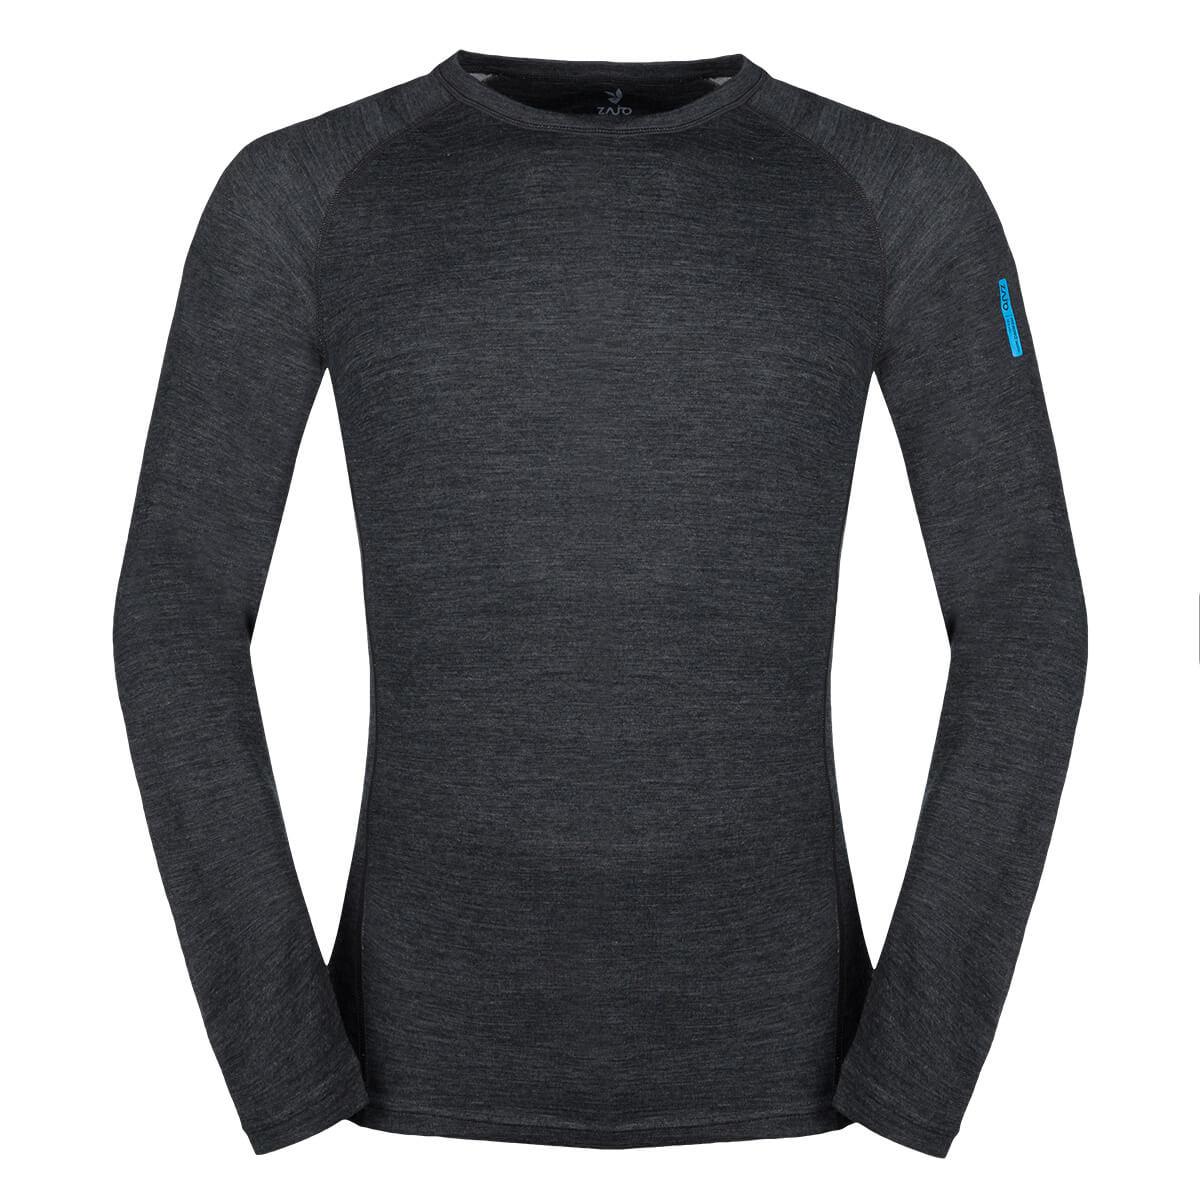 ZAJO Bergen Merino T-shirt LS Black Pánske tričko - veľkosť S